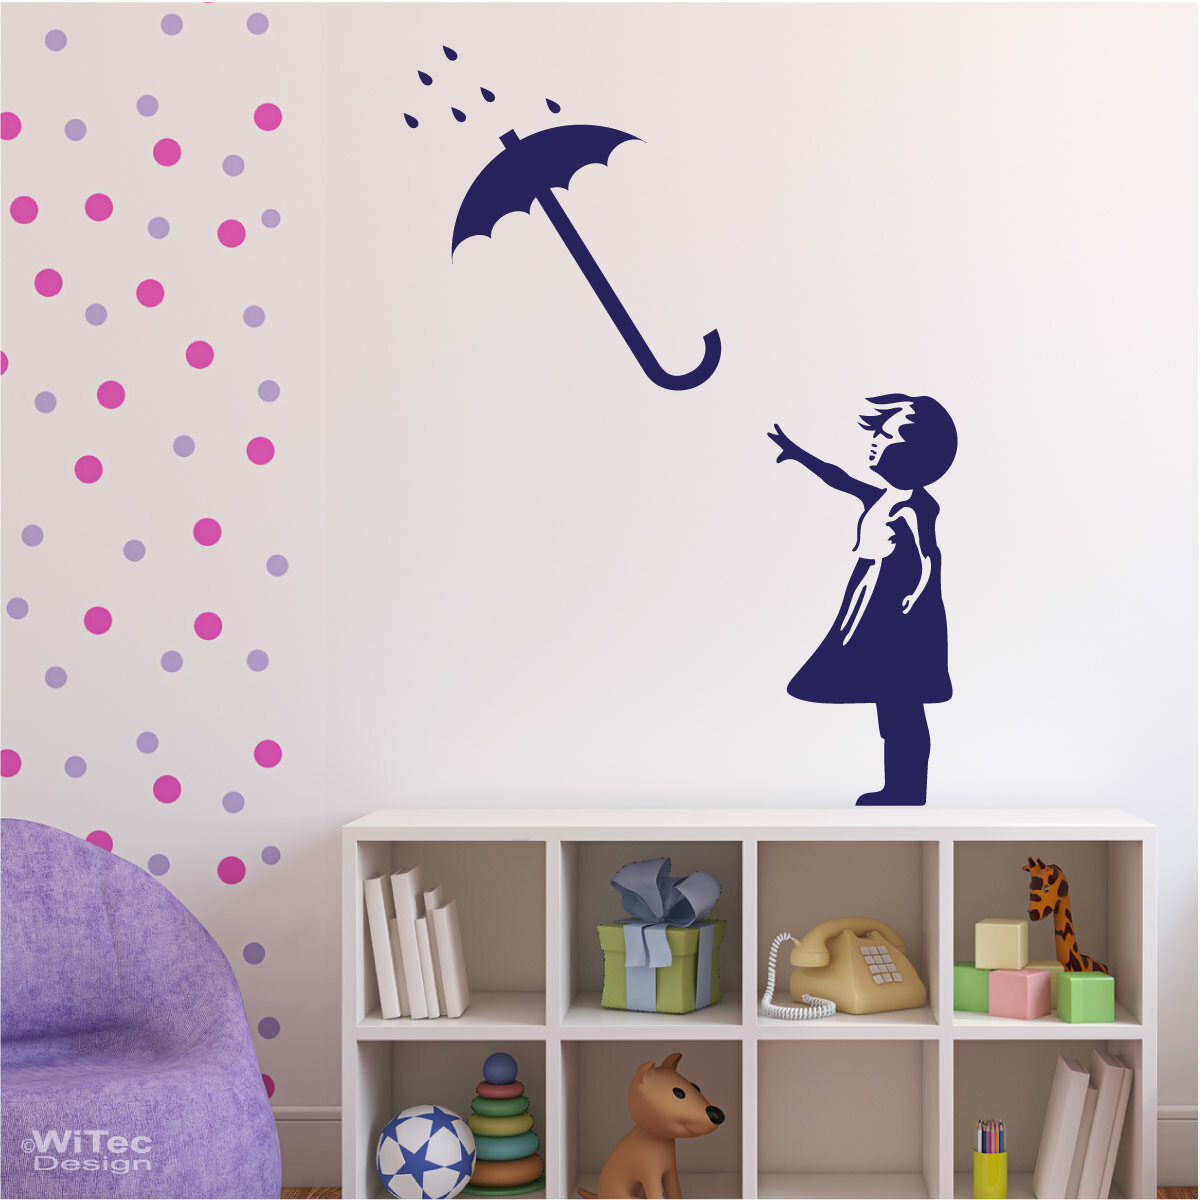 wandaufkleber mädchen mit regenschirm wandtattoo kind